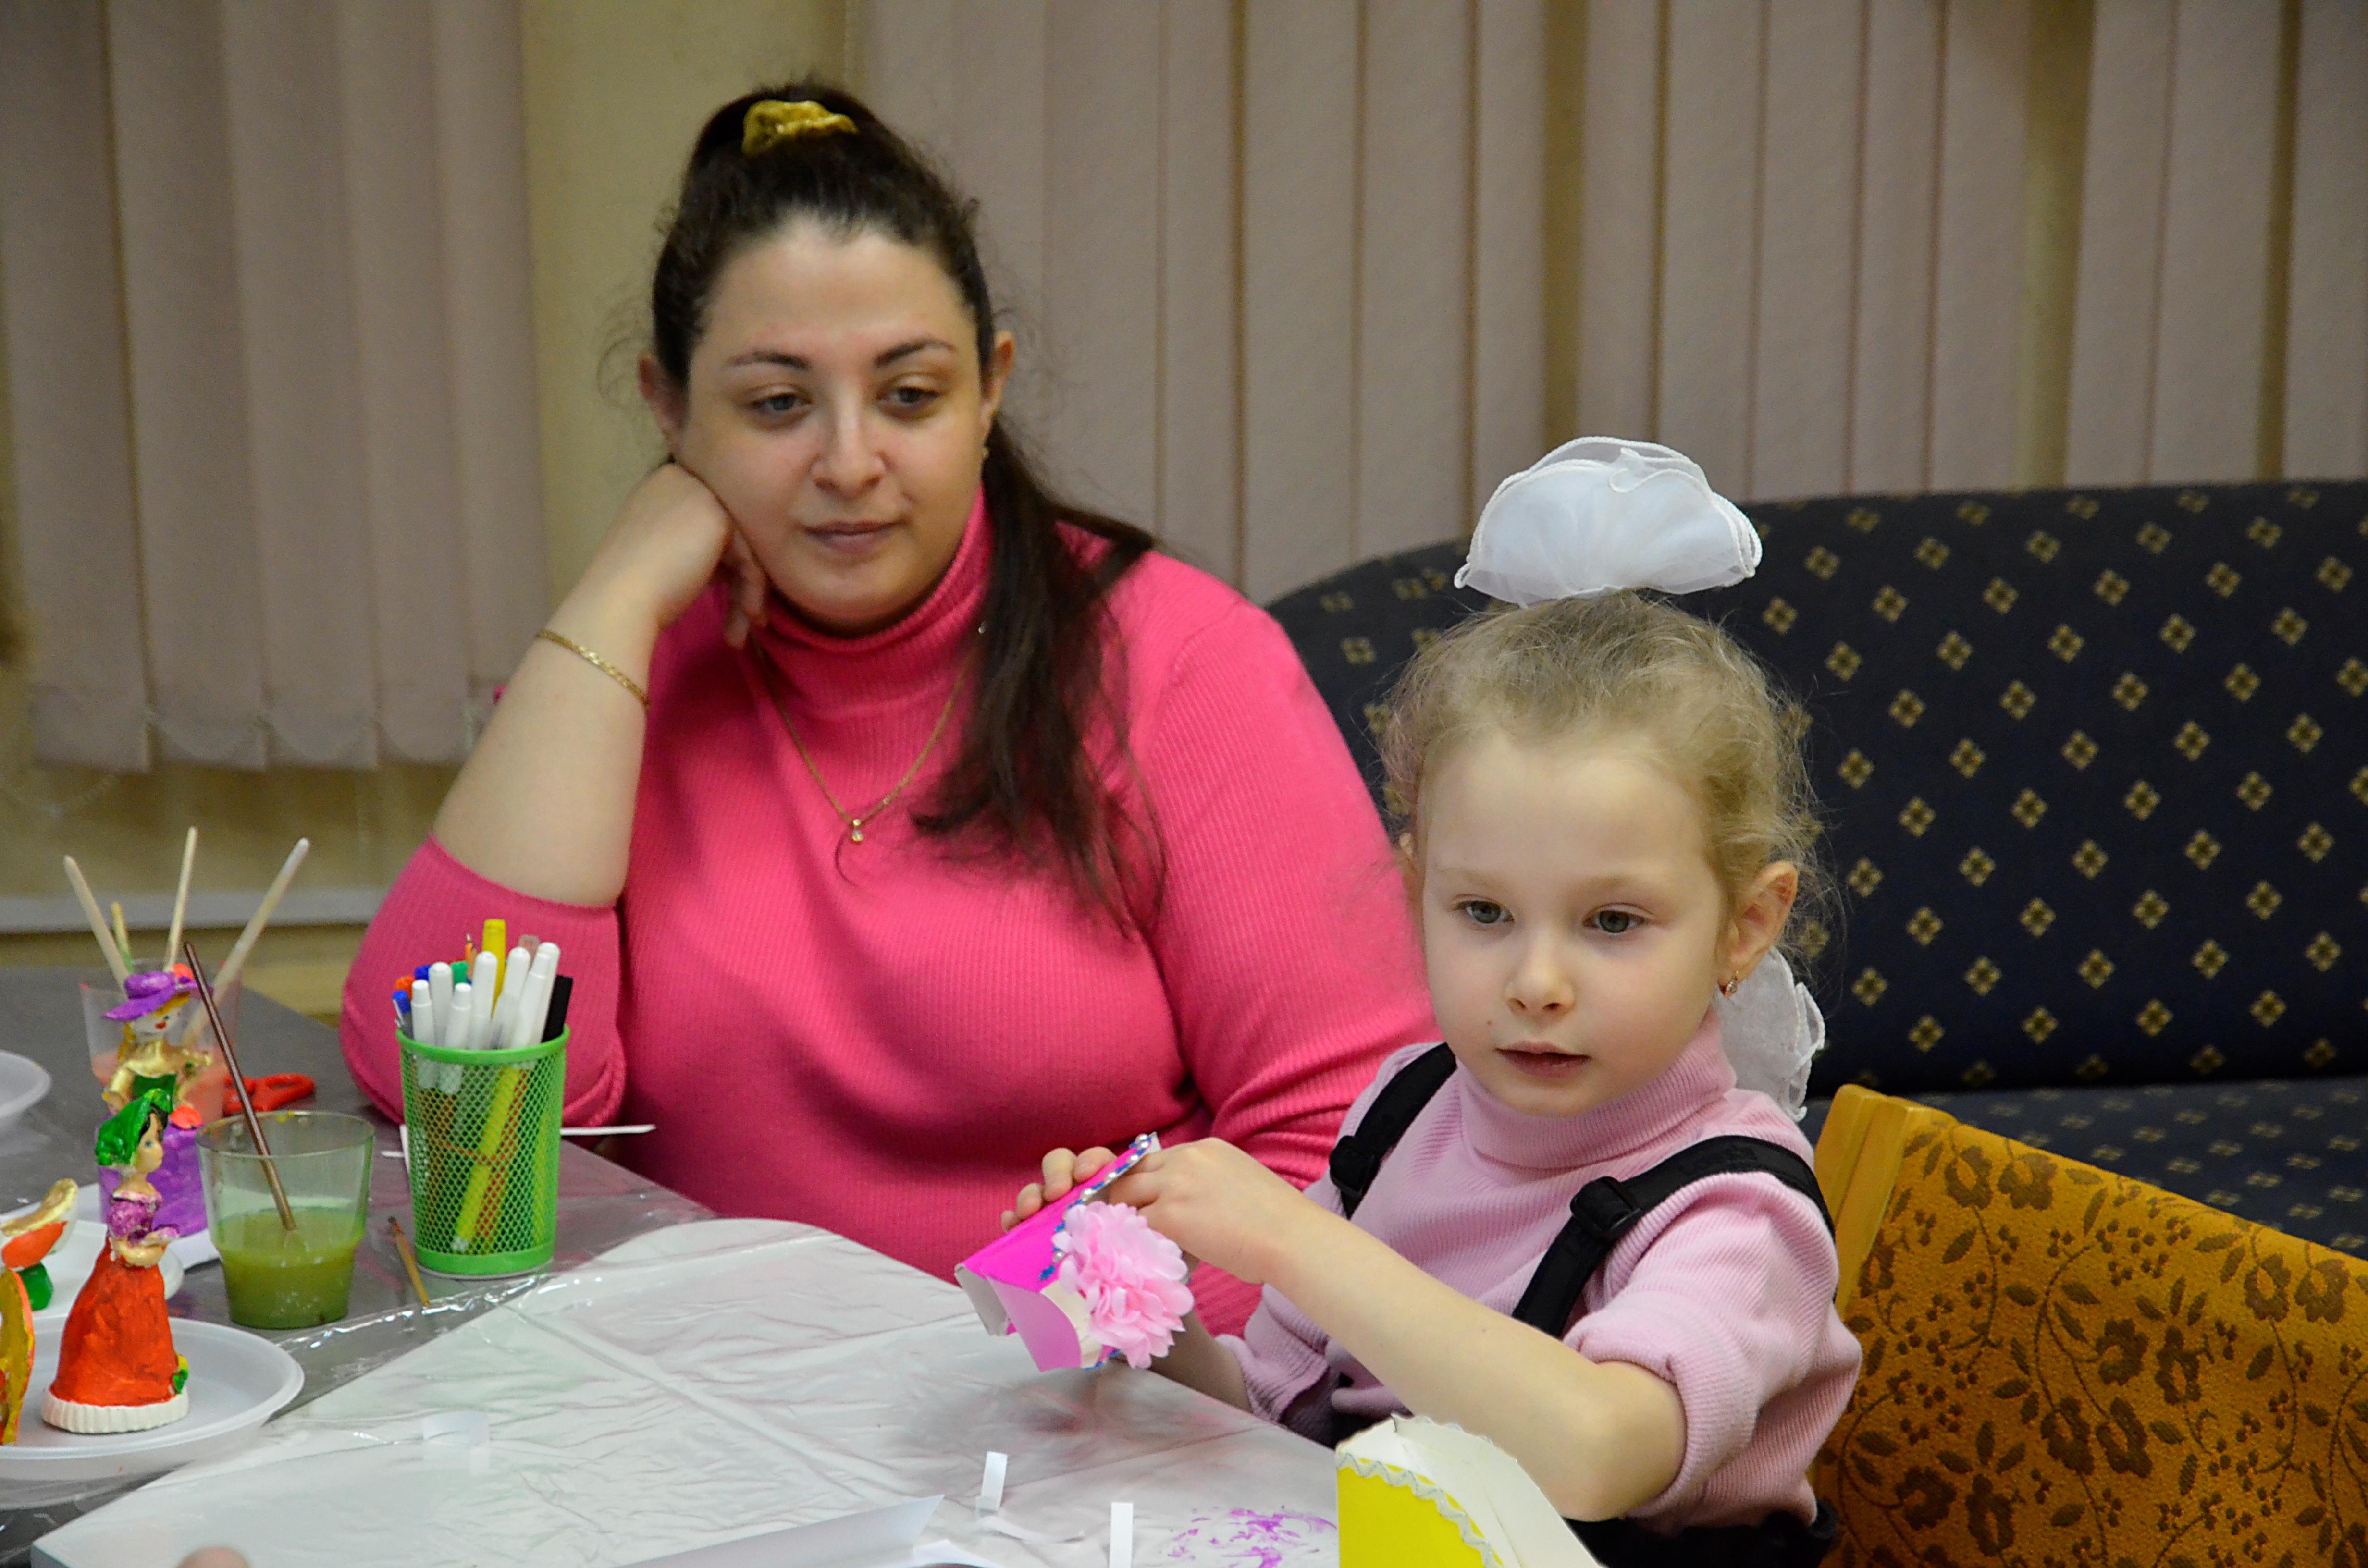 Видеопоздравления ко Дню матери опубликовали в социальных сетях Мосгорпарка. Фото: Анна Быкова